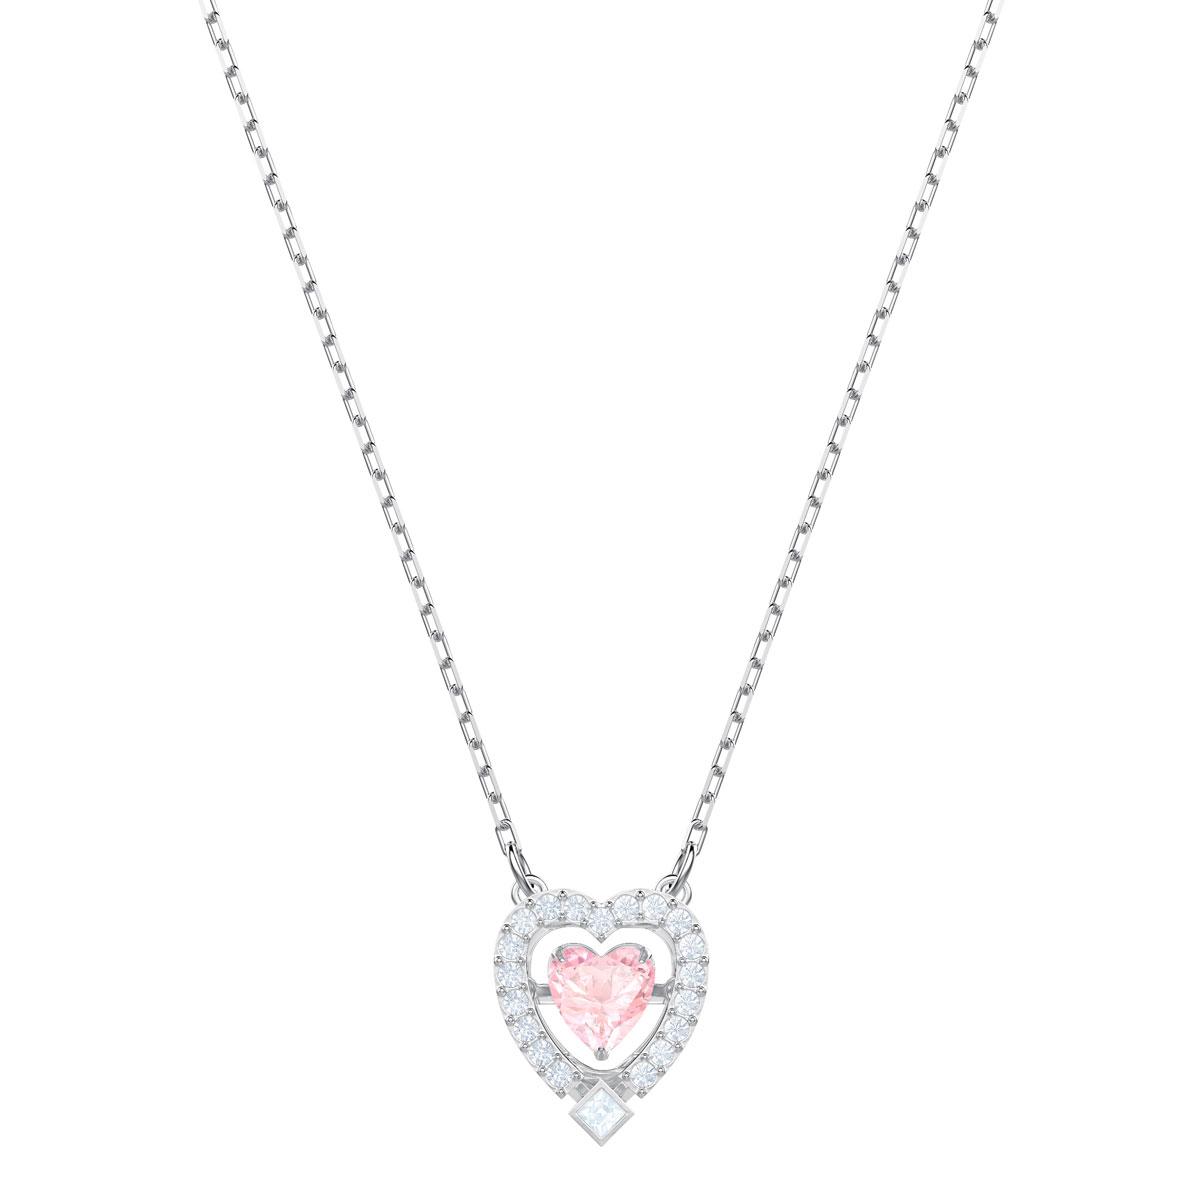 Swarovski Sparkling Dance Heart Necklace, Pink, Rhodium